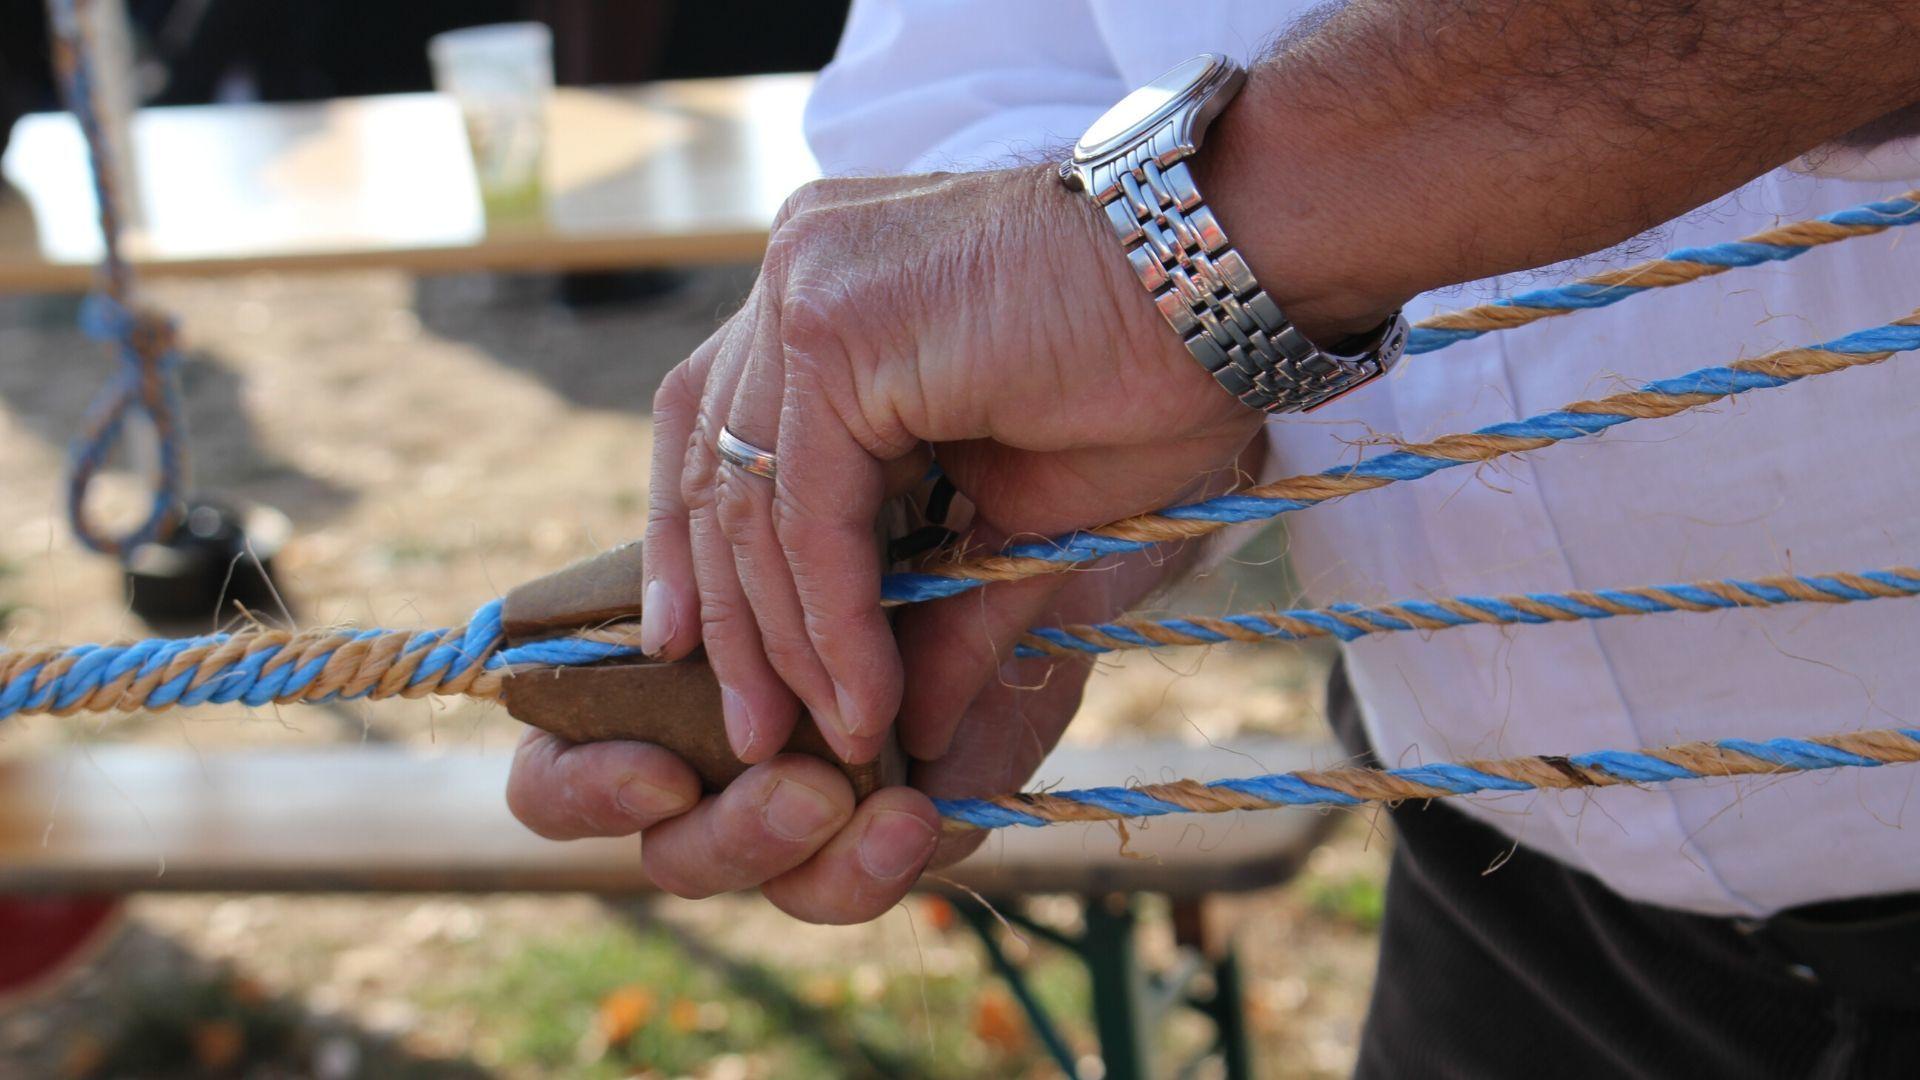 Réalisation de cordes en sisal